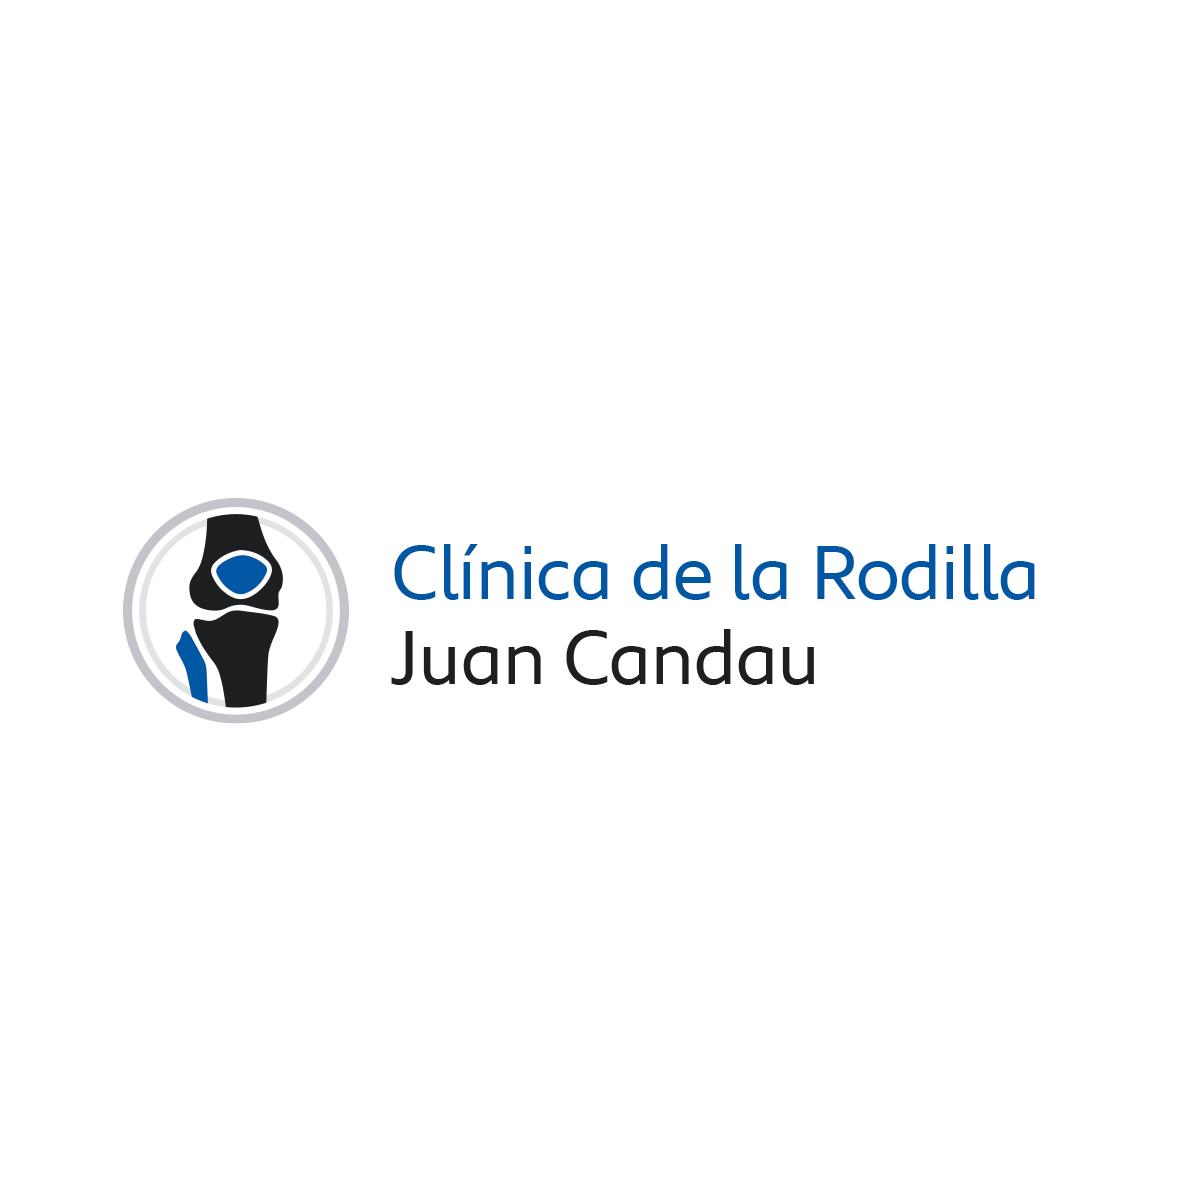 clinica-de-la-rodilla-logotipo